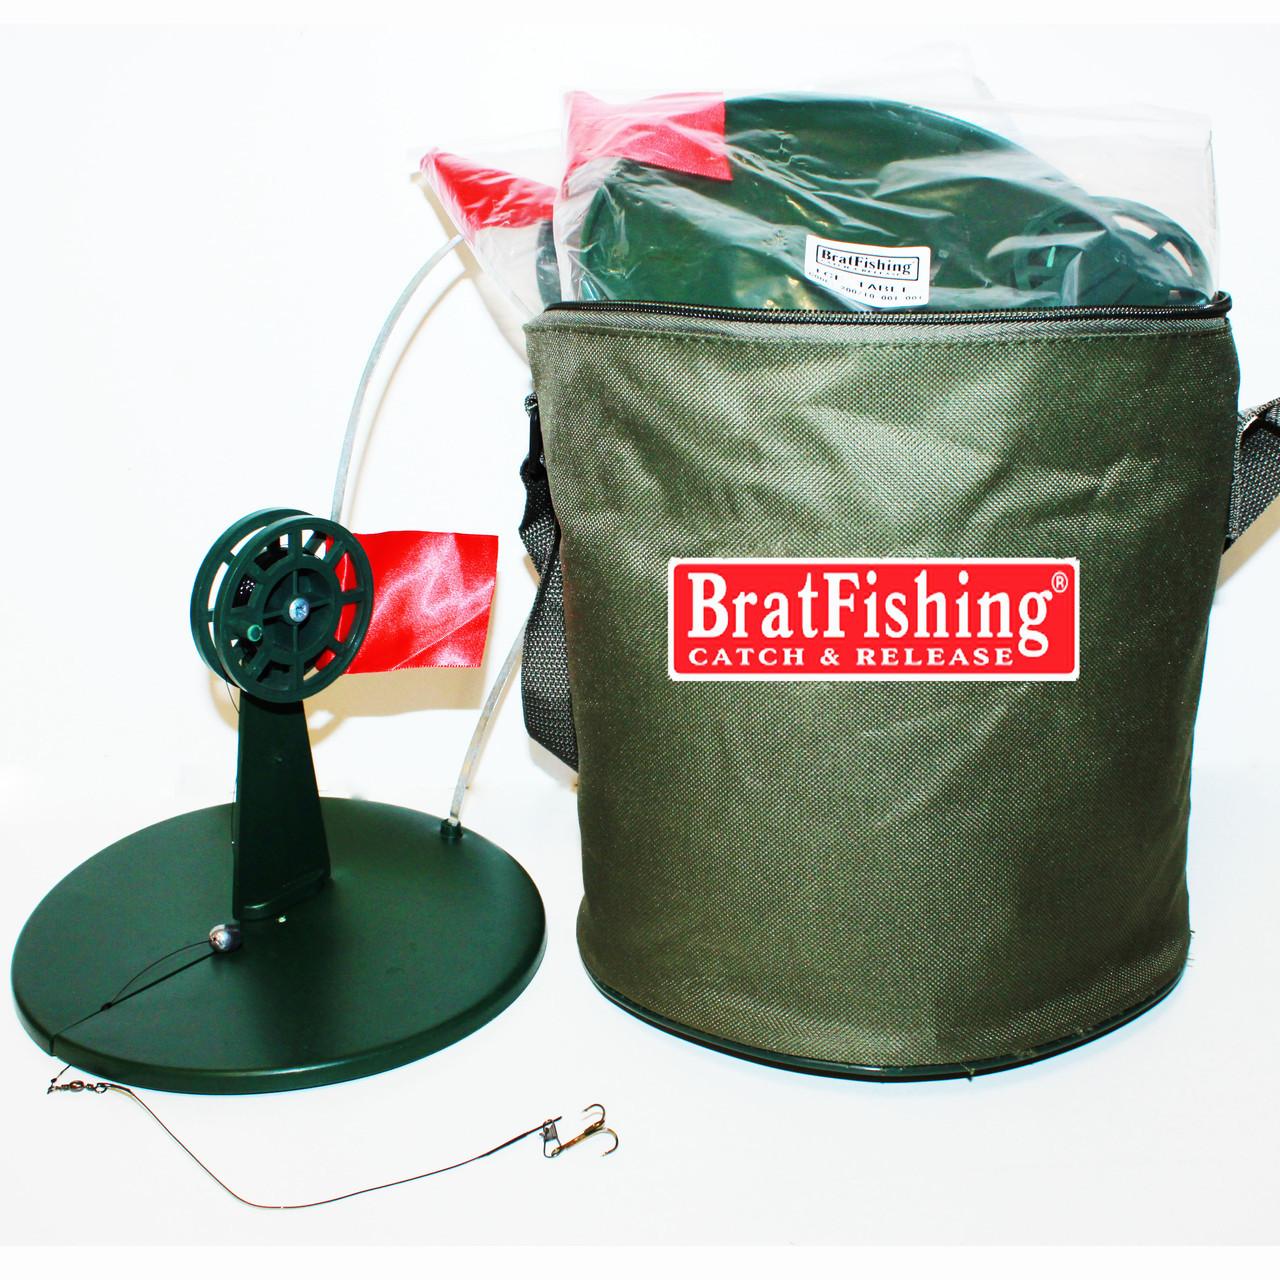 Жерлицы BratFishign (оснащенные) 10 шт. в сумке